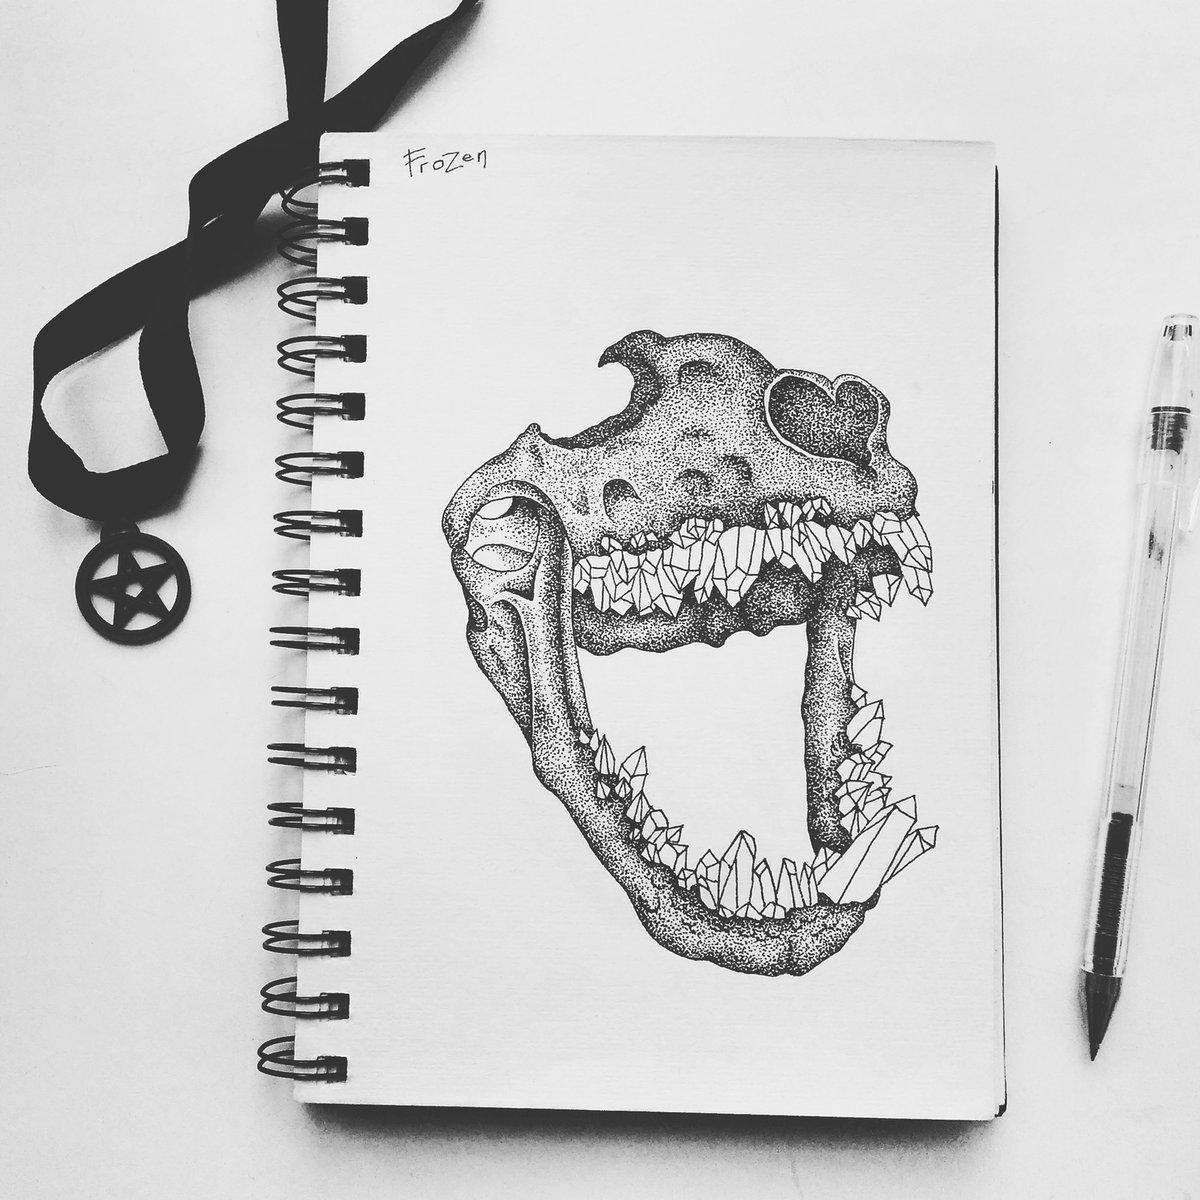 Прикольный рисунок гелевой ручкой, юрмале